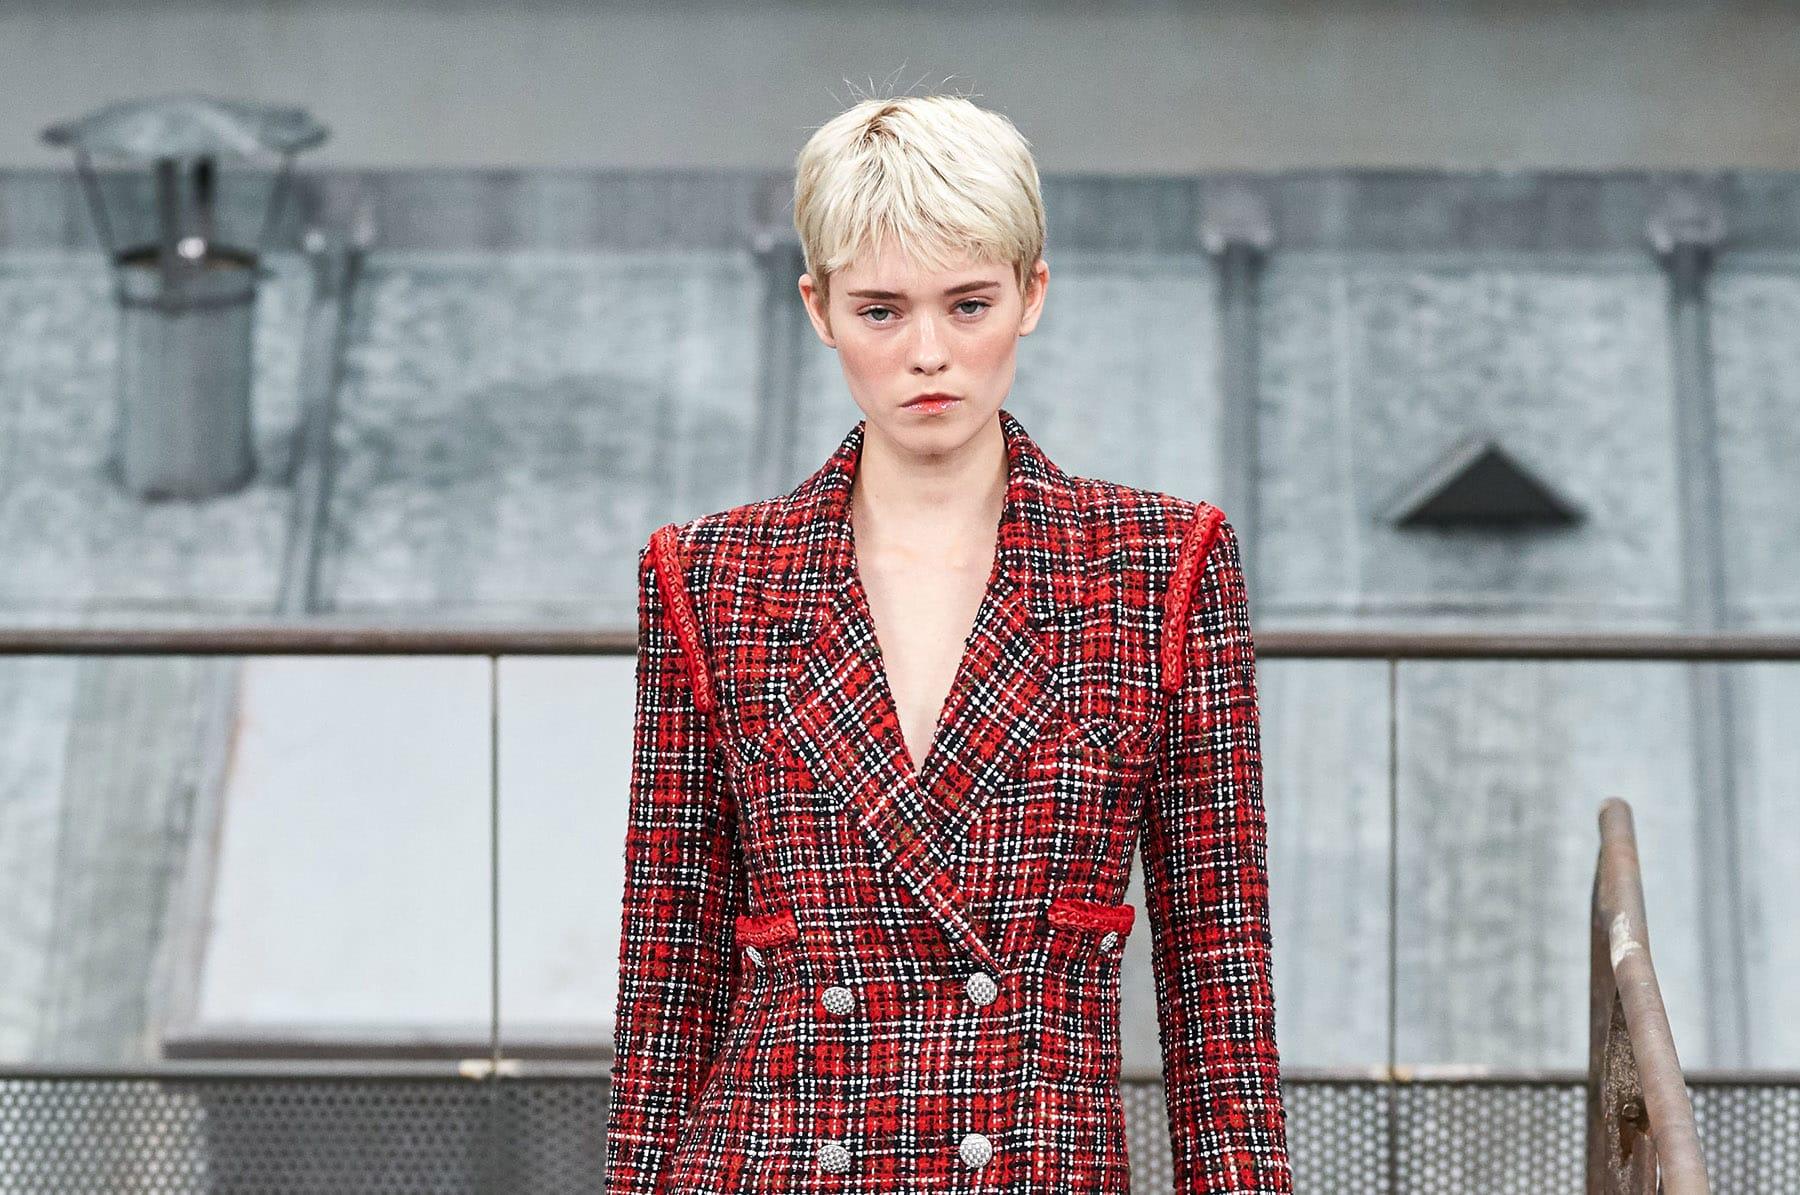 Показ готовой коллекции Chanel весна 2020